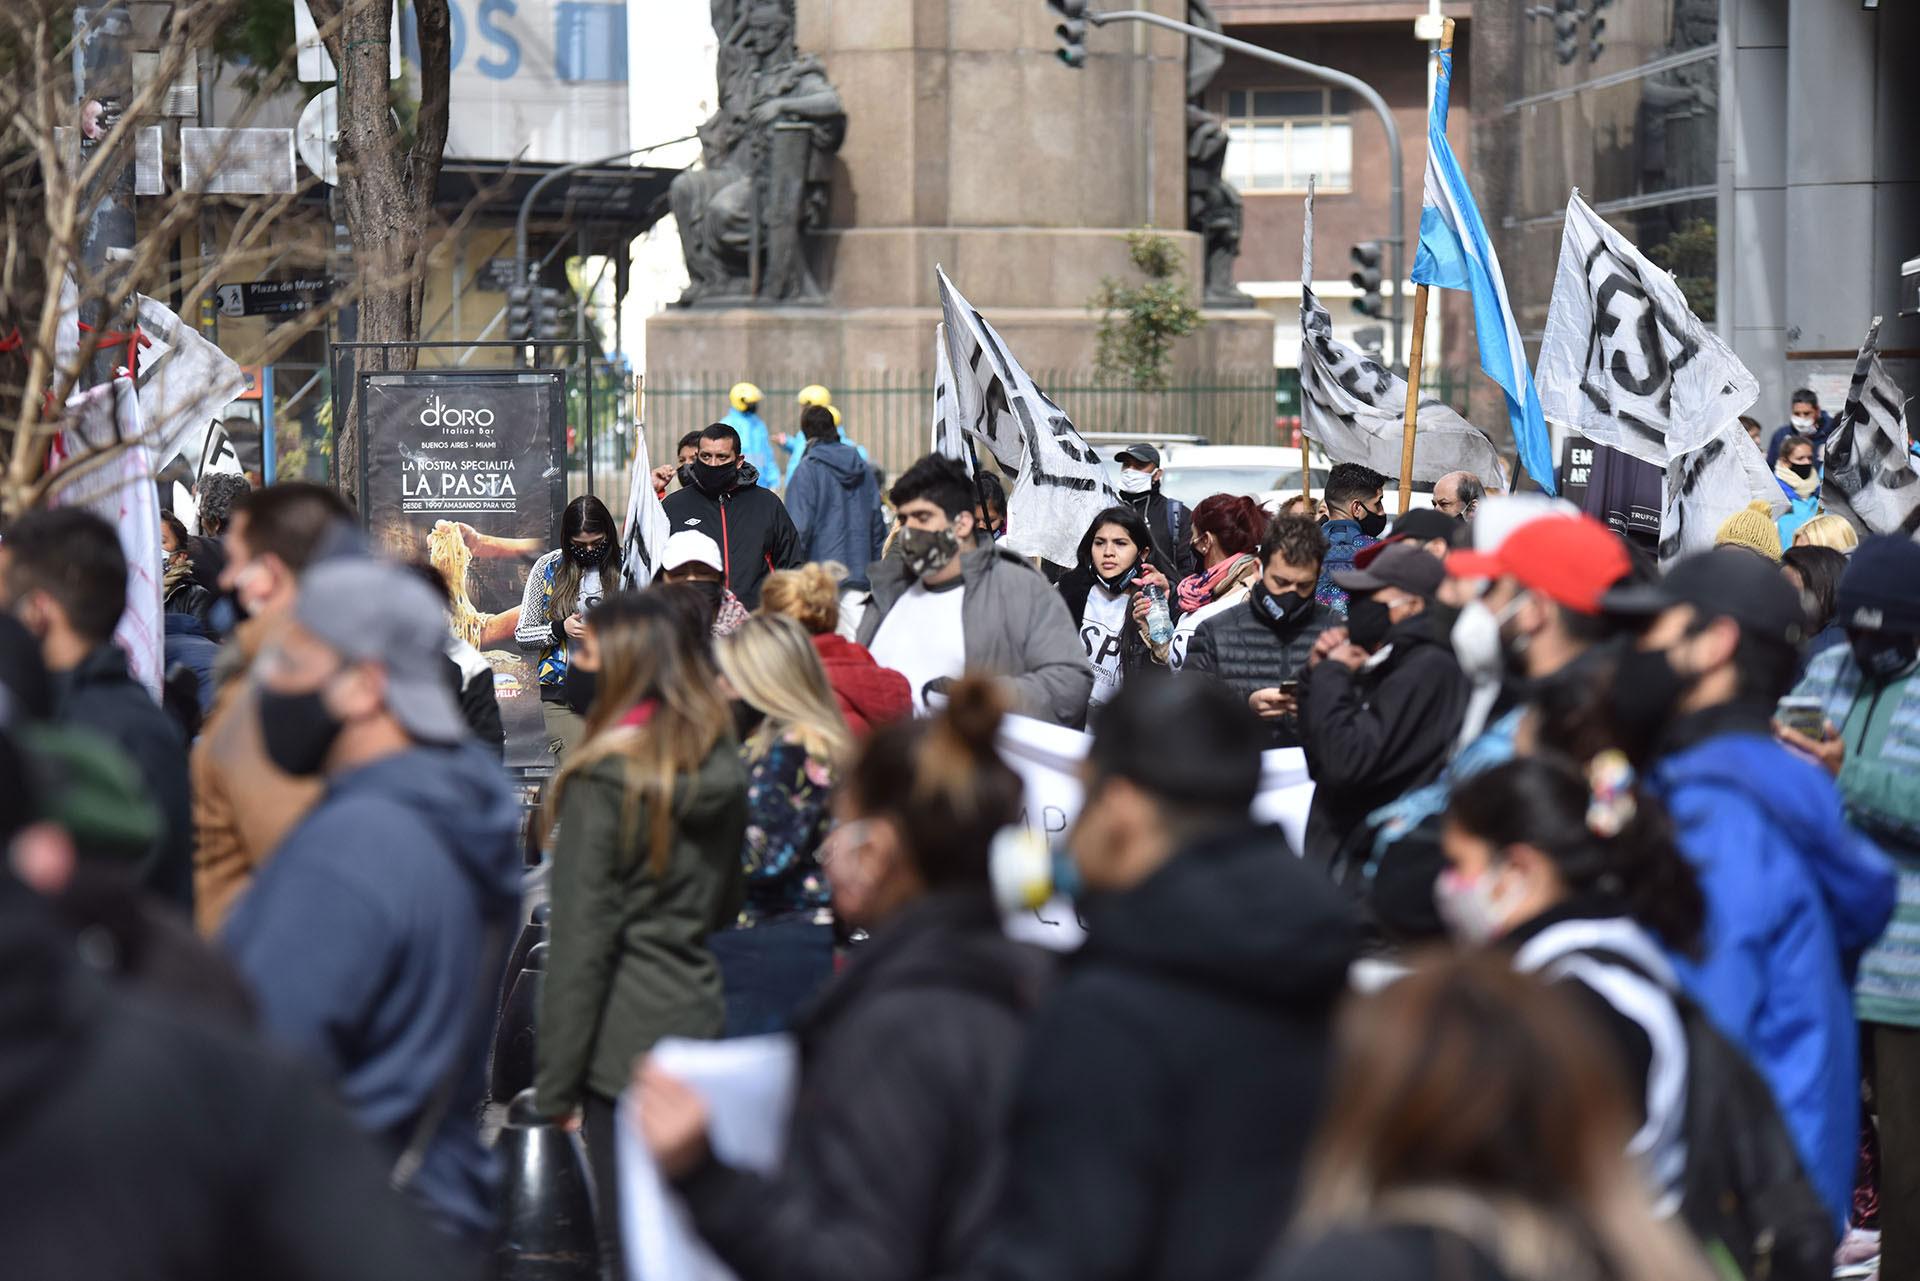 La protesta fue reducida y no generó inconvenientes en el tránsito